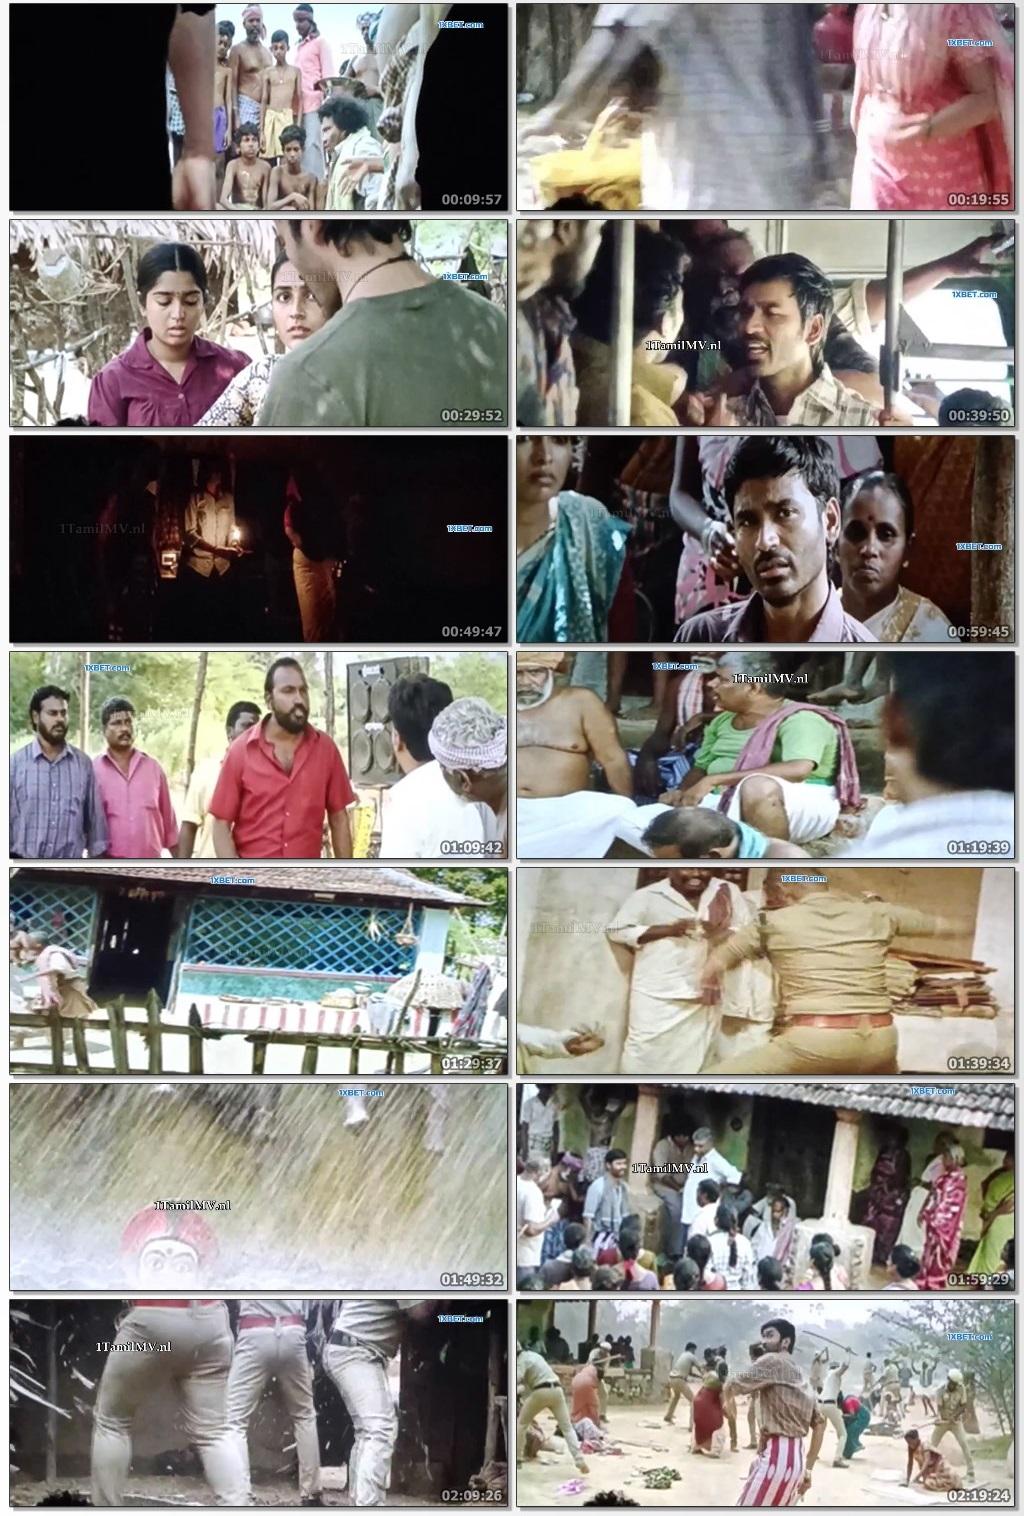 Karnan-2021-www-9kmovies-cool-Tamil-720p-HQ-Pre-DVDRip-1-4-GB-mkv-thumbs